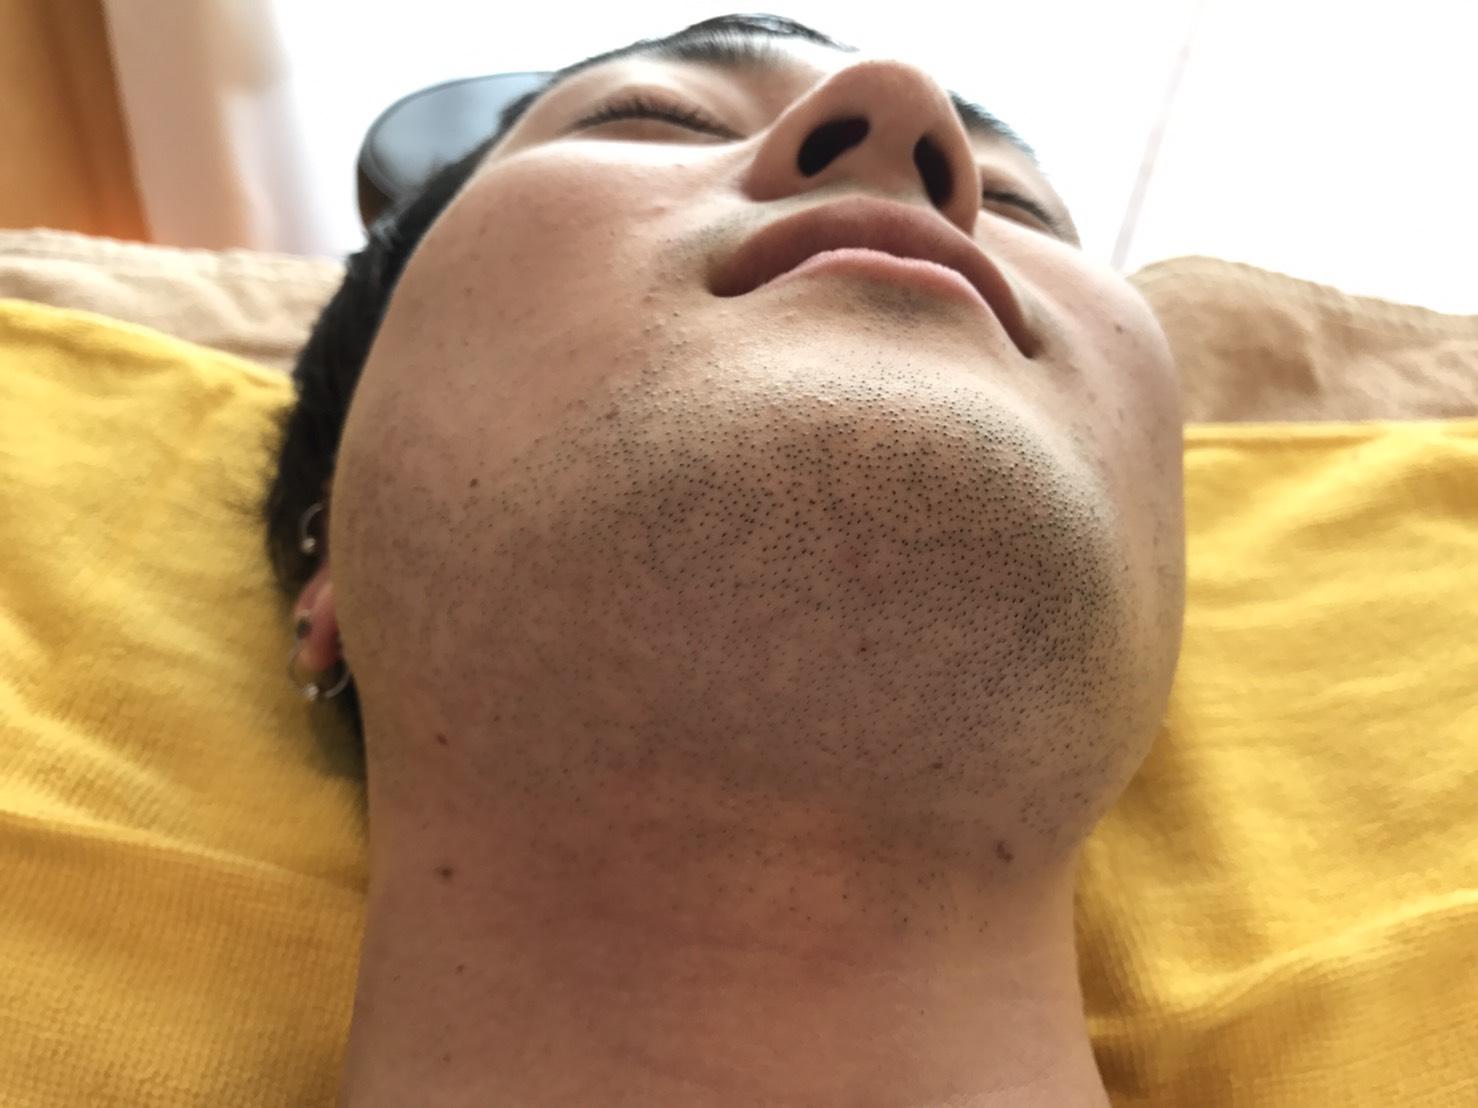 ヒゲ脱毛体験